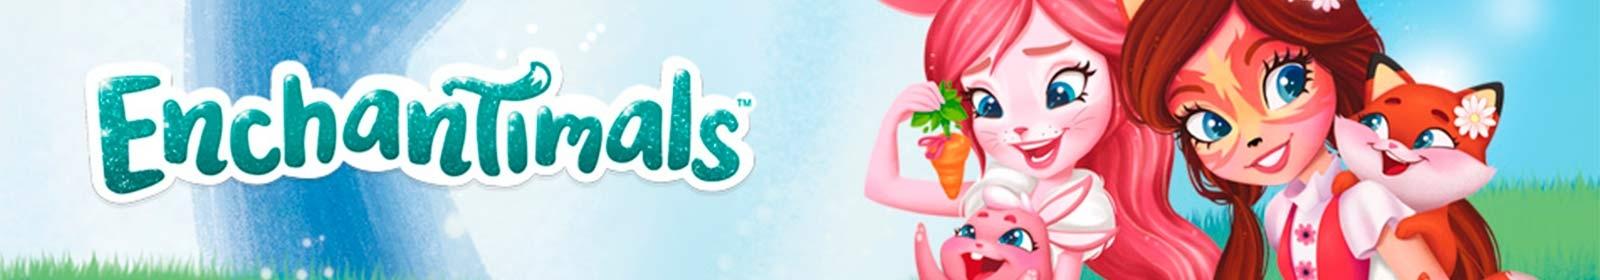 comprar Enchantimals Online | Envios Gratis desde 49€